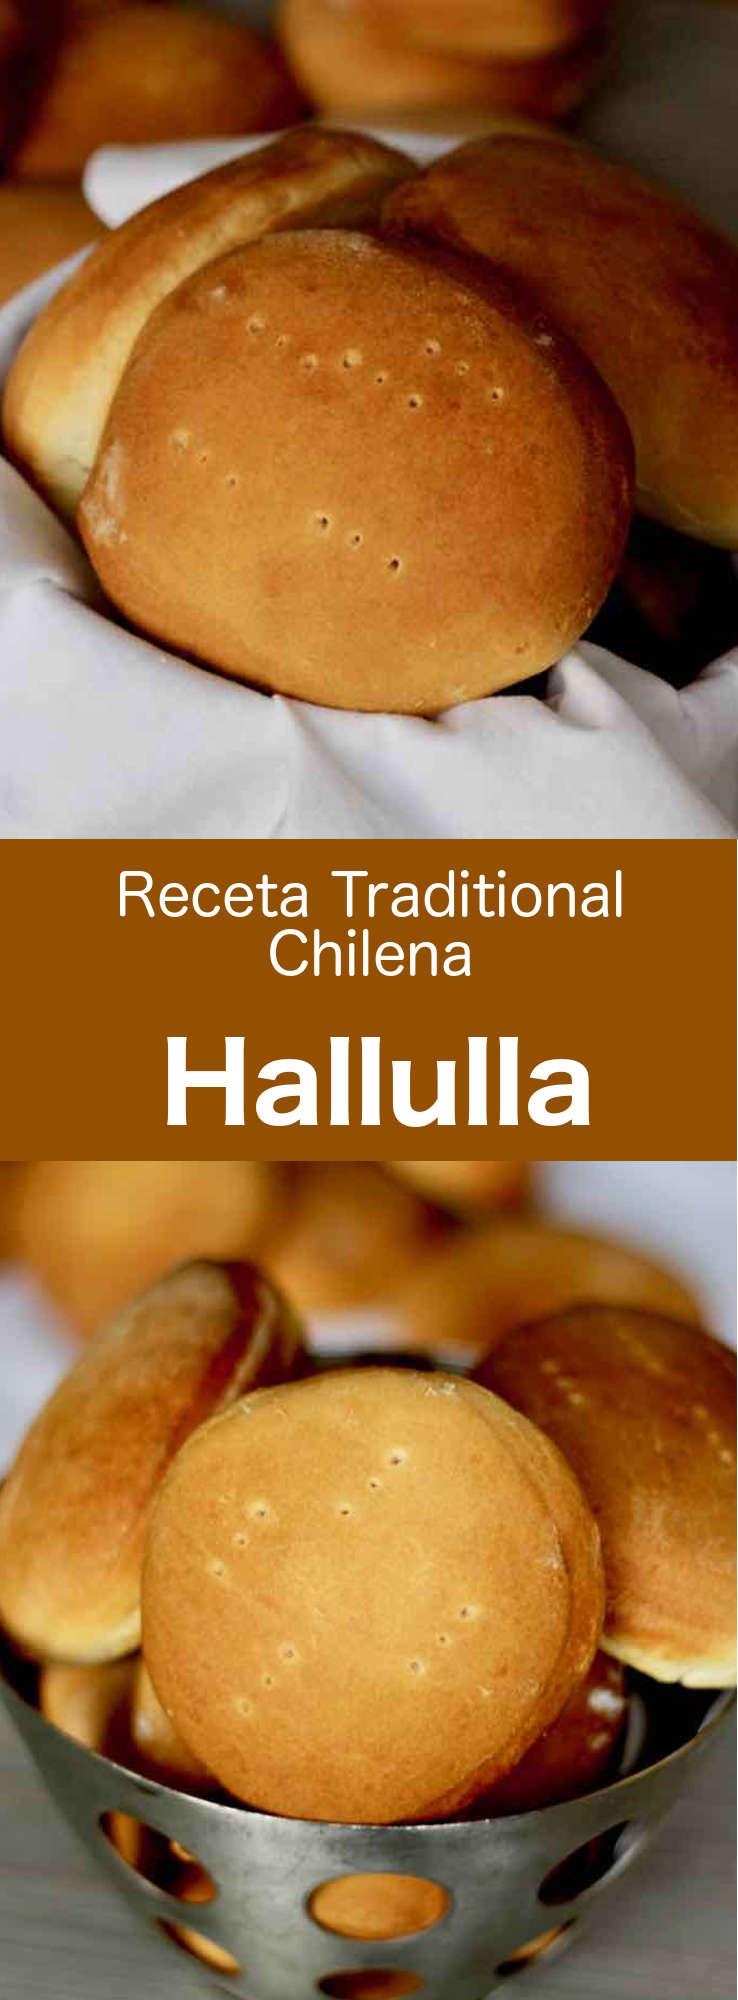 La hallulla es uno de los panes más populares de Chile. Es un pan redondo y plano que también se puede encontrar en las calles de Bolivia y Ecuador.